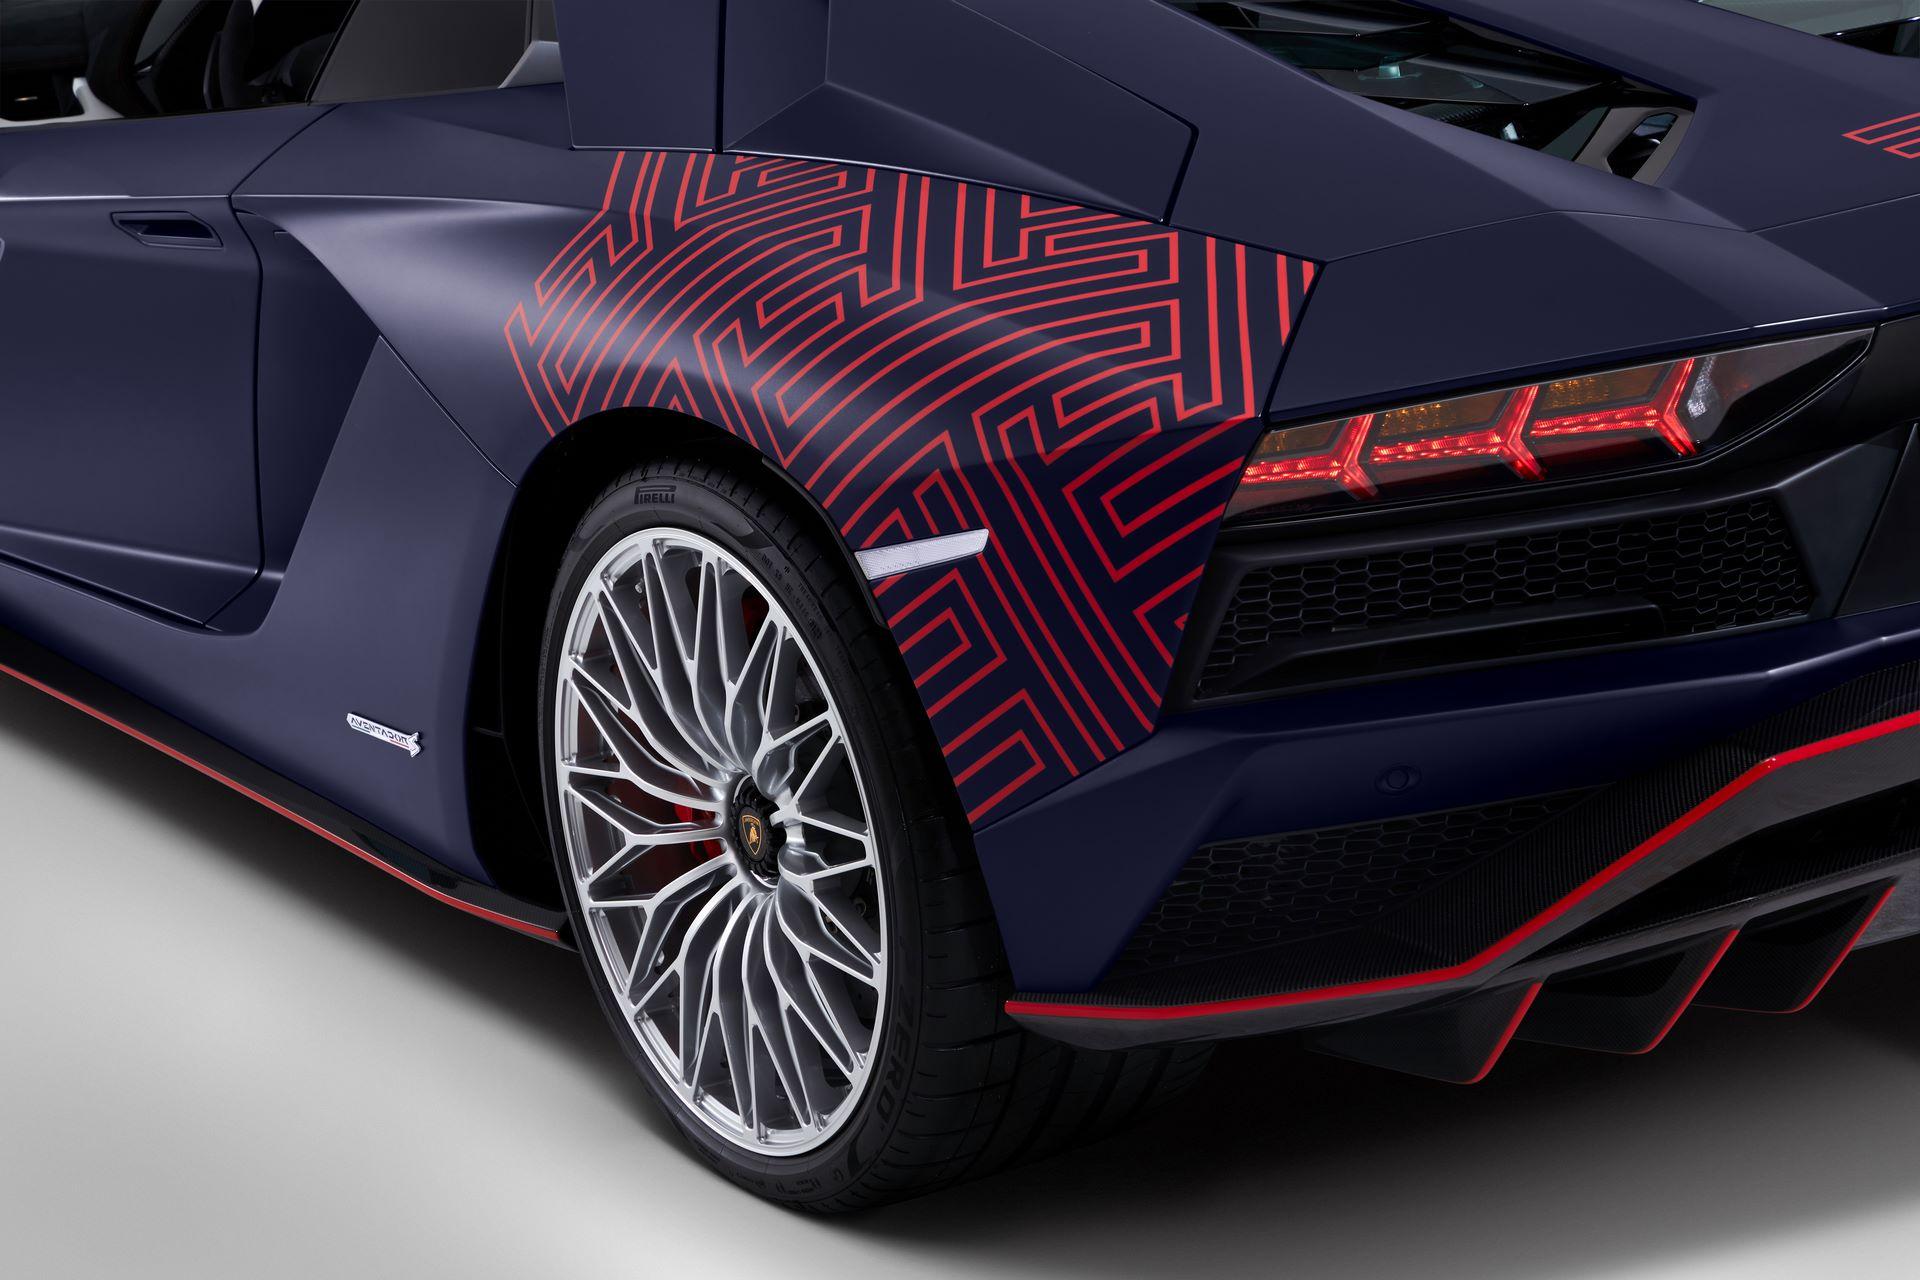 Lamborghini-Aventador-S-Roadster-Korean-Special-Series-12